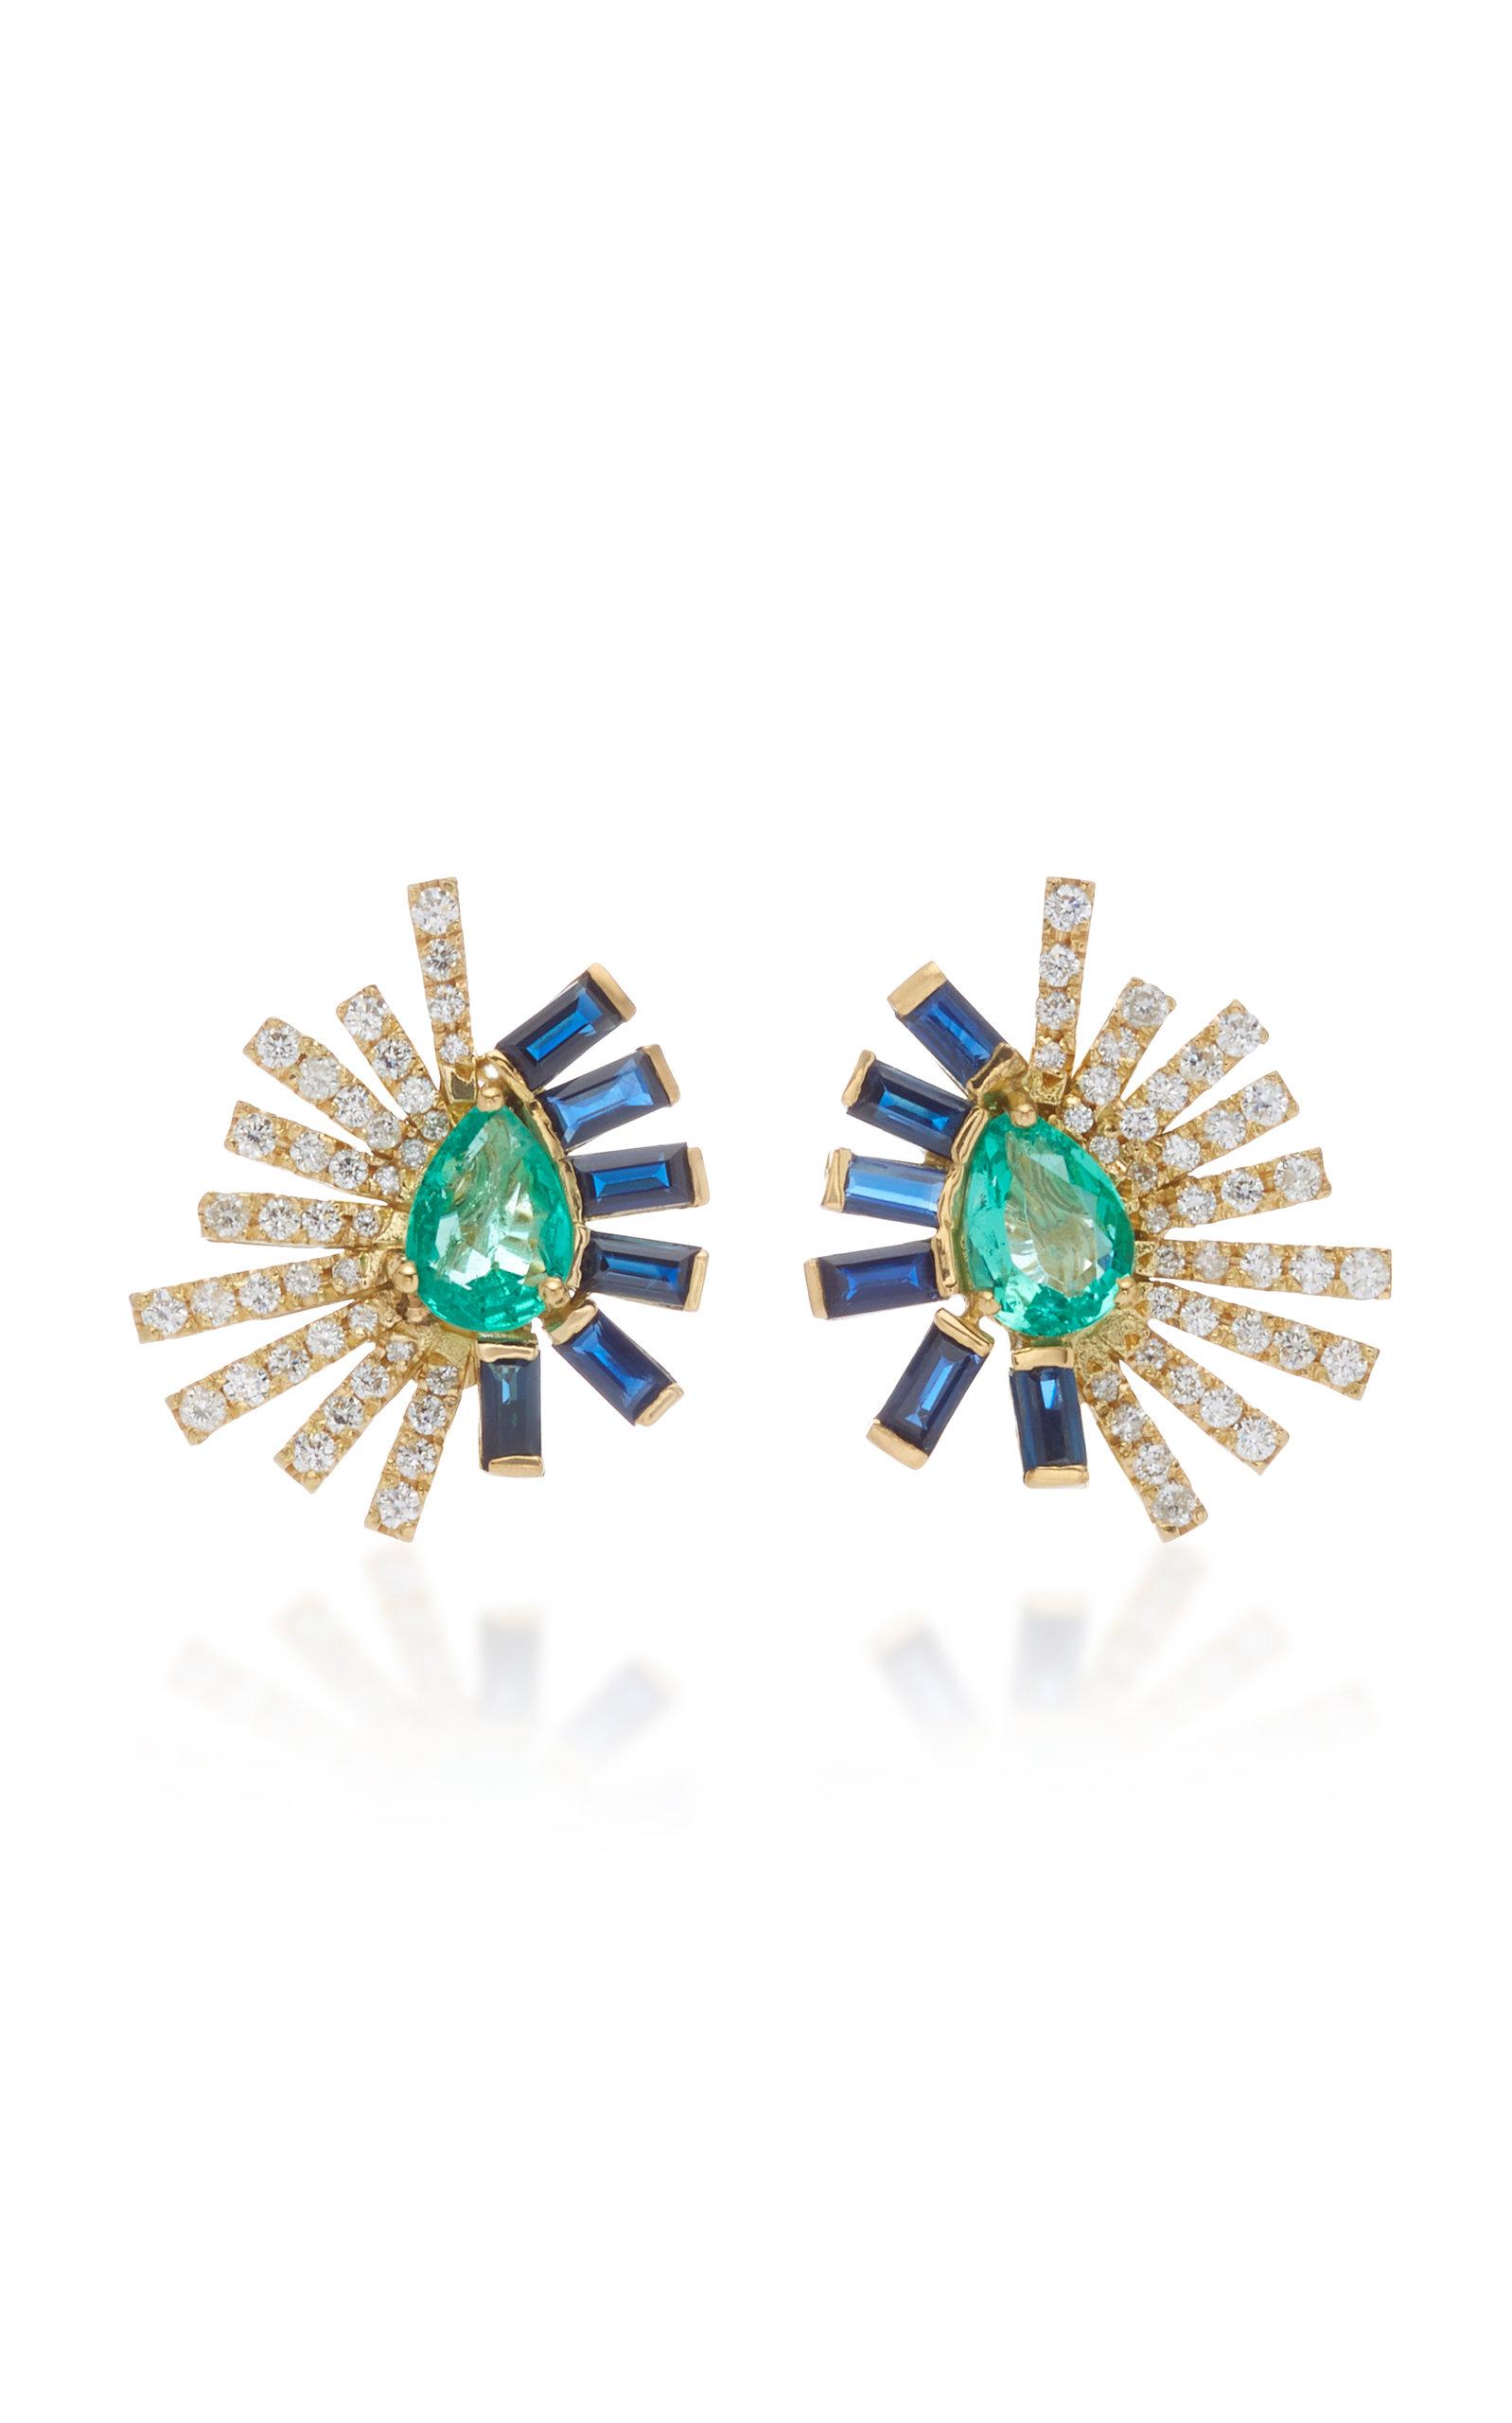 CAROL KAUFFMANN La Belle Duo 18K Gold Emerald Ruby And Diamond Earrings in Blue